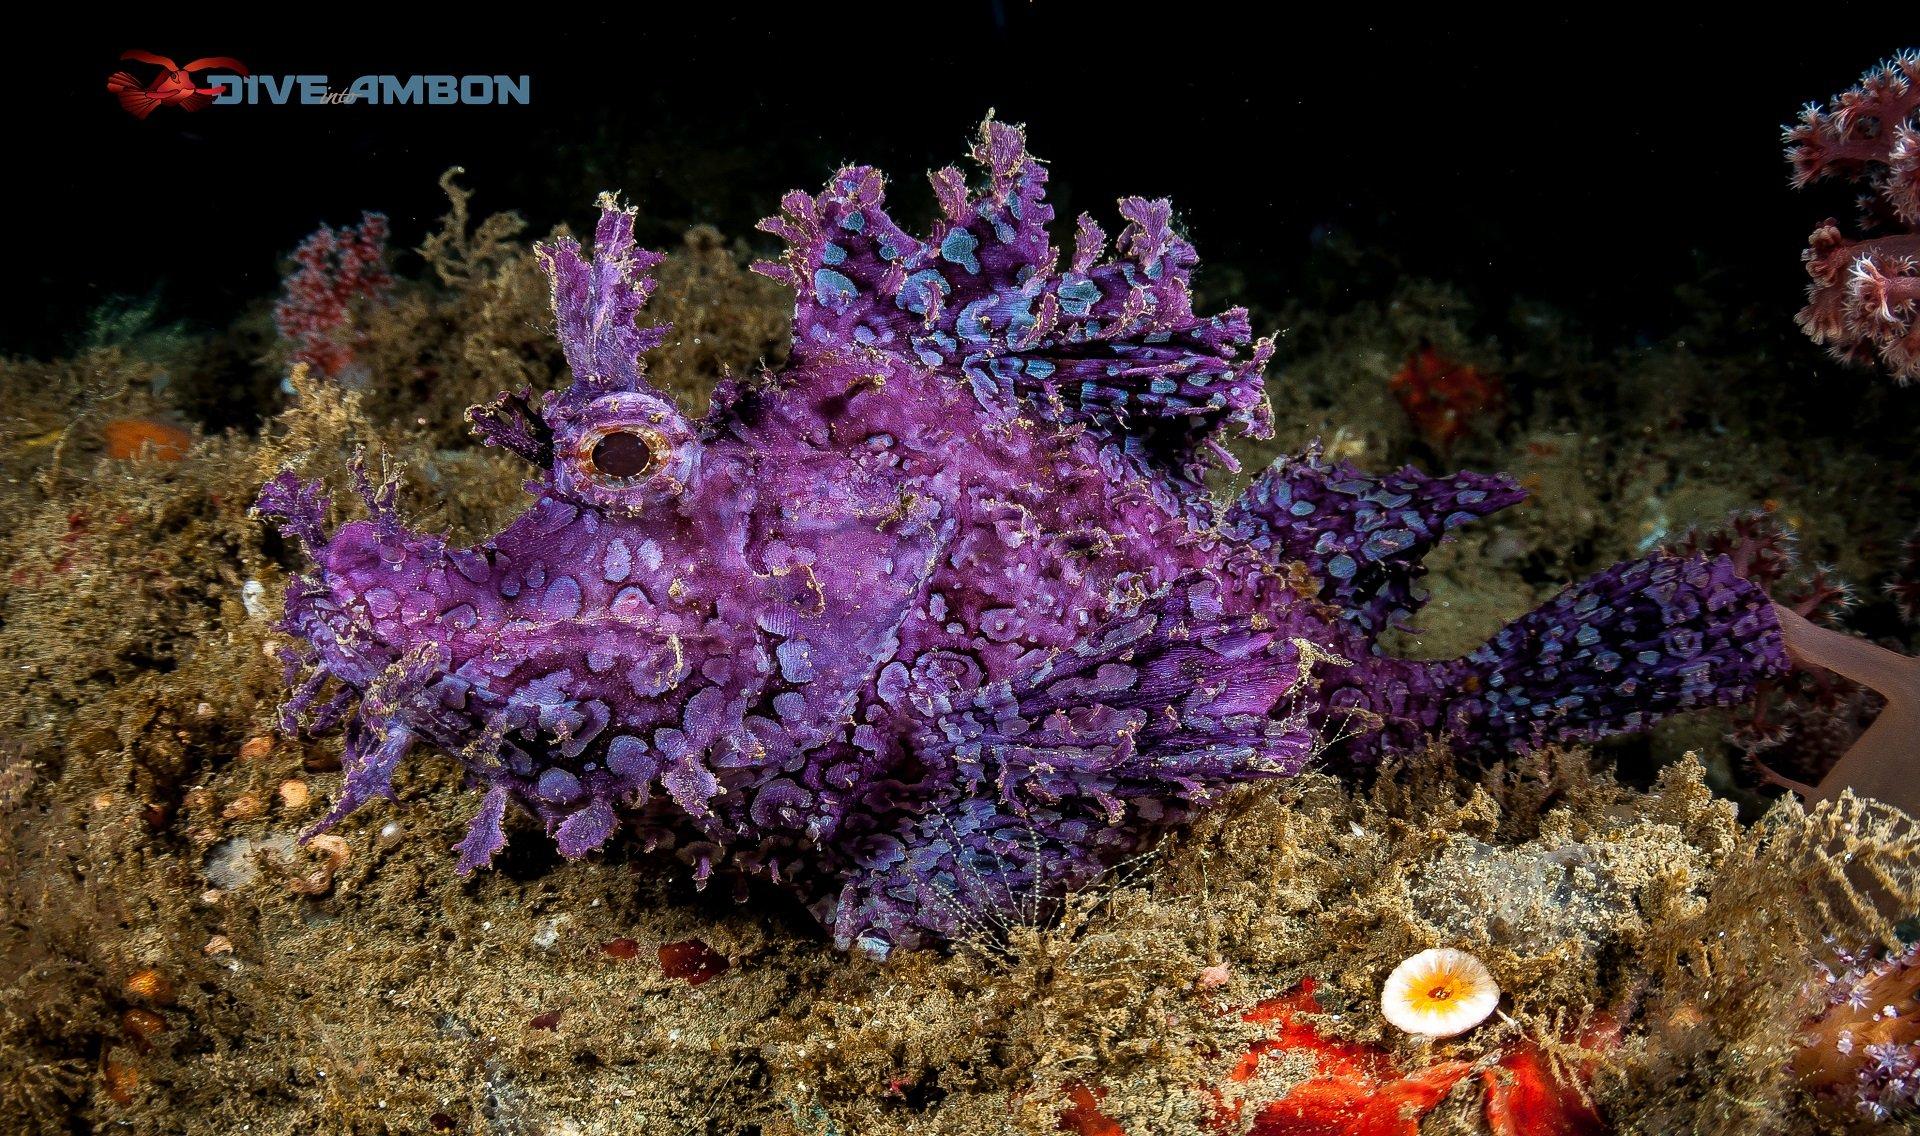 Ambon Scorpionfish Maluku Resort - Dive into Ambon